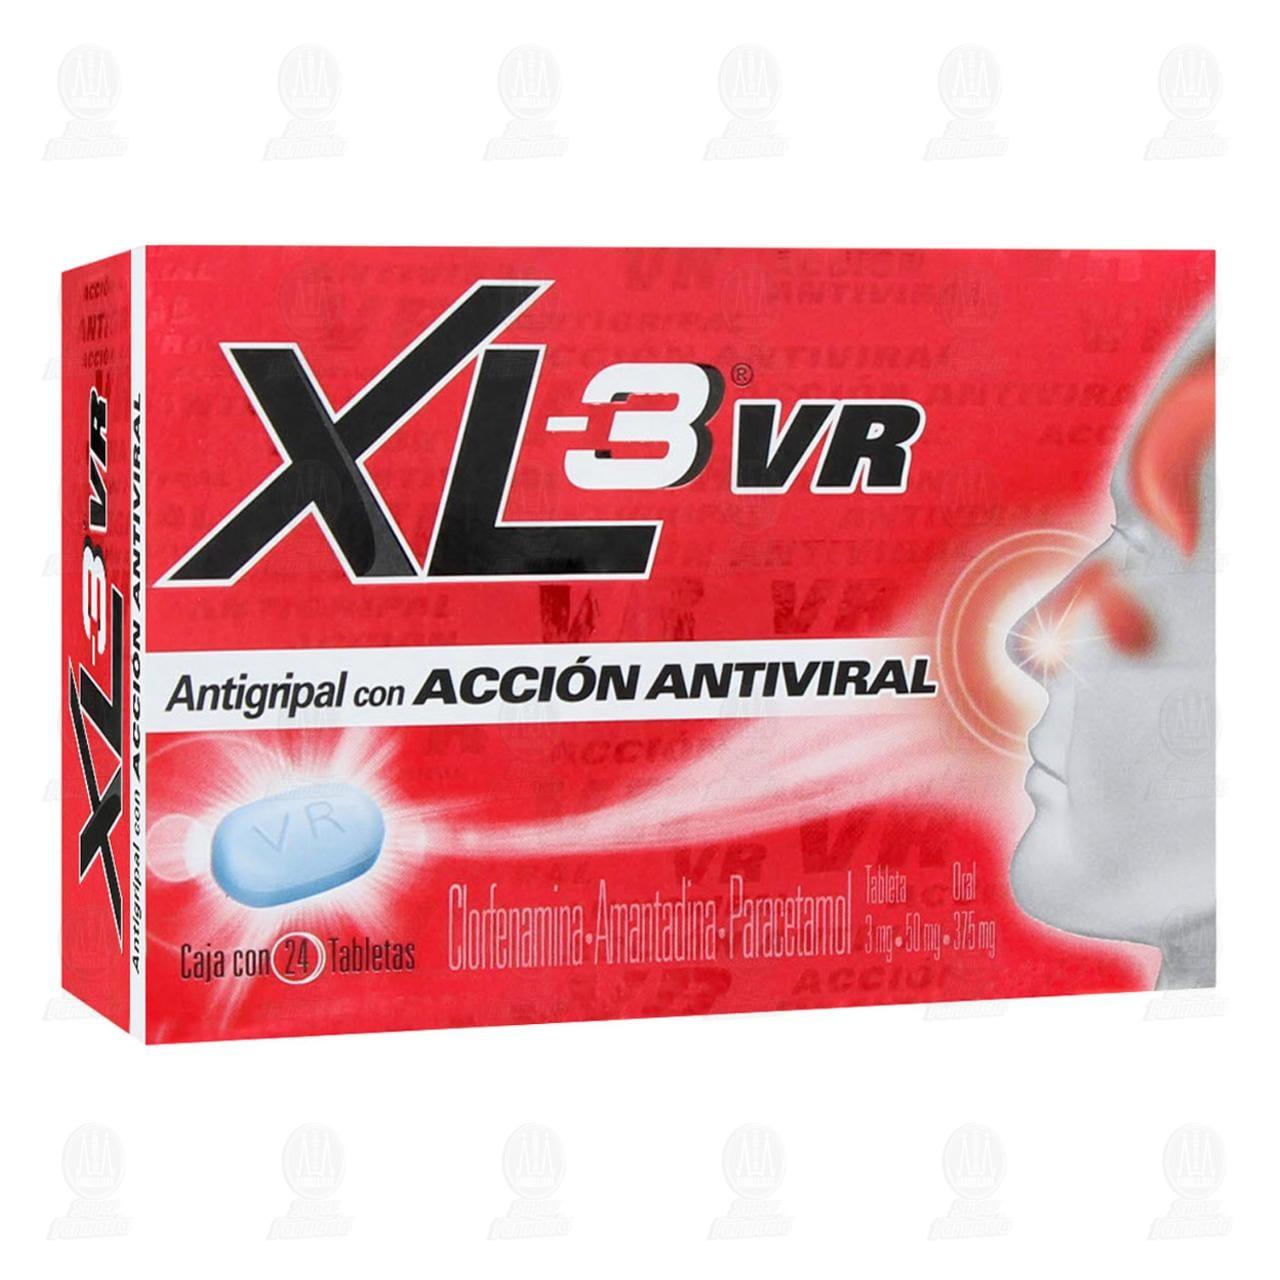 Xl-3 Vr Acción Antiviral 3/50/375 mg 24 Tabletas.